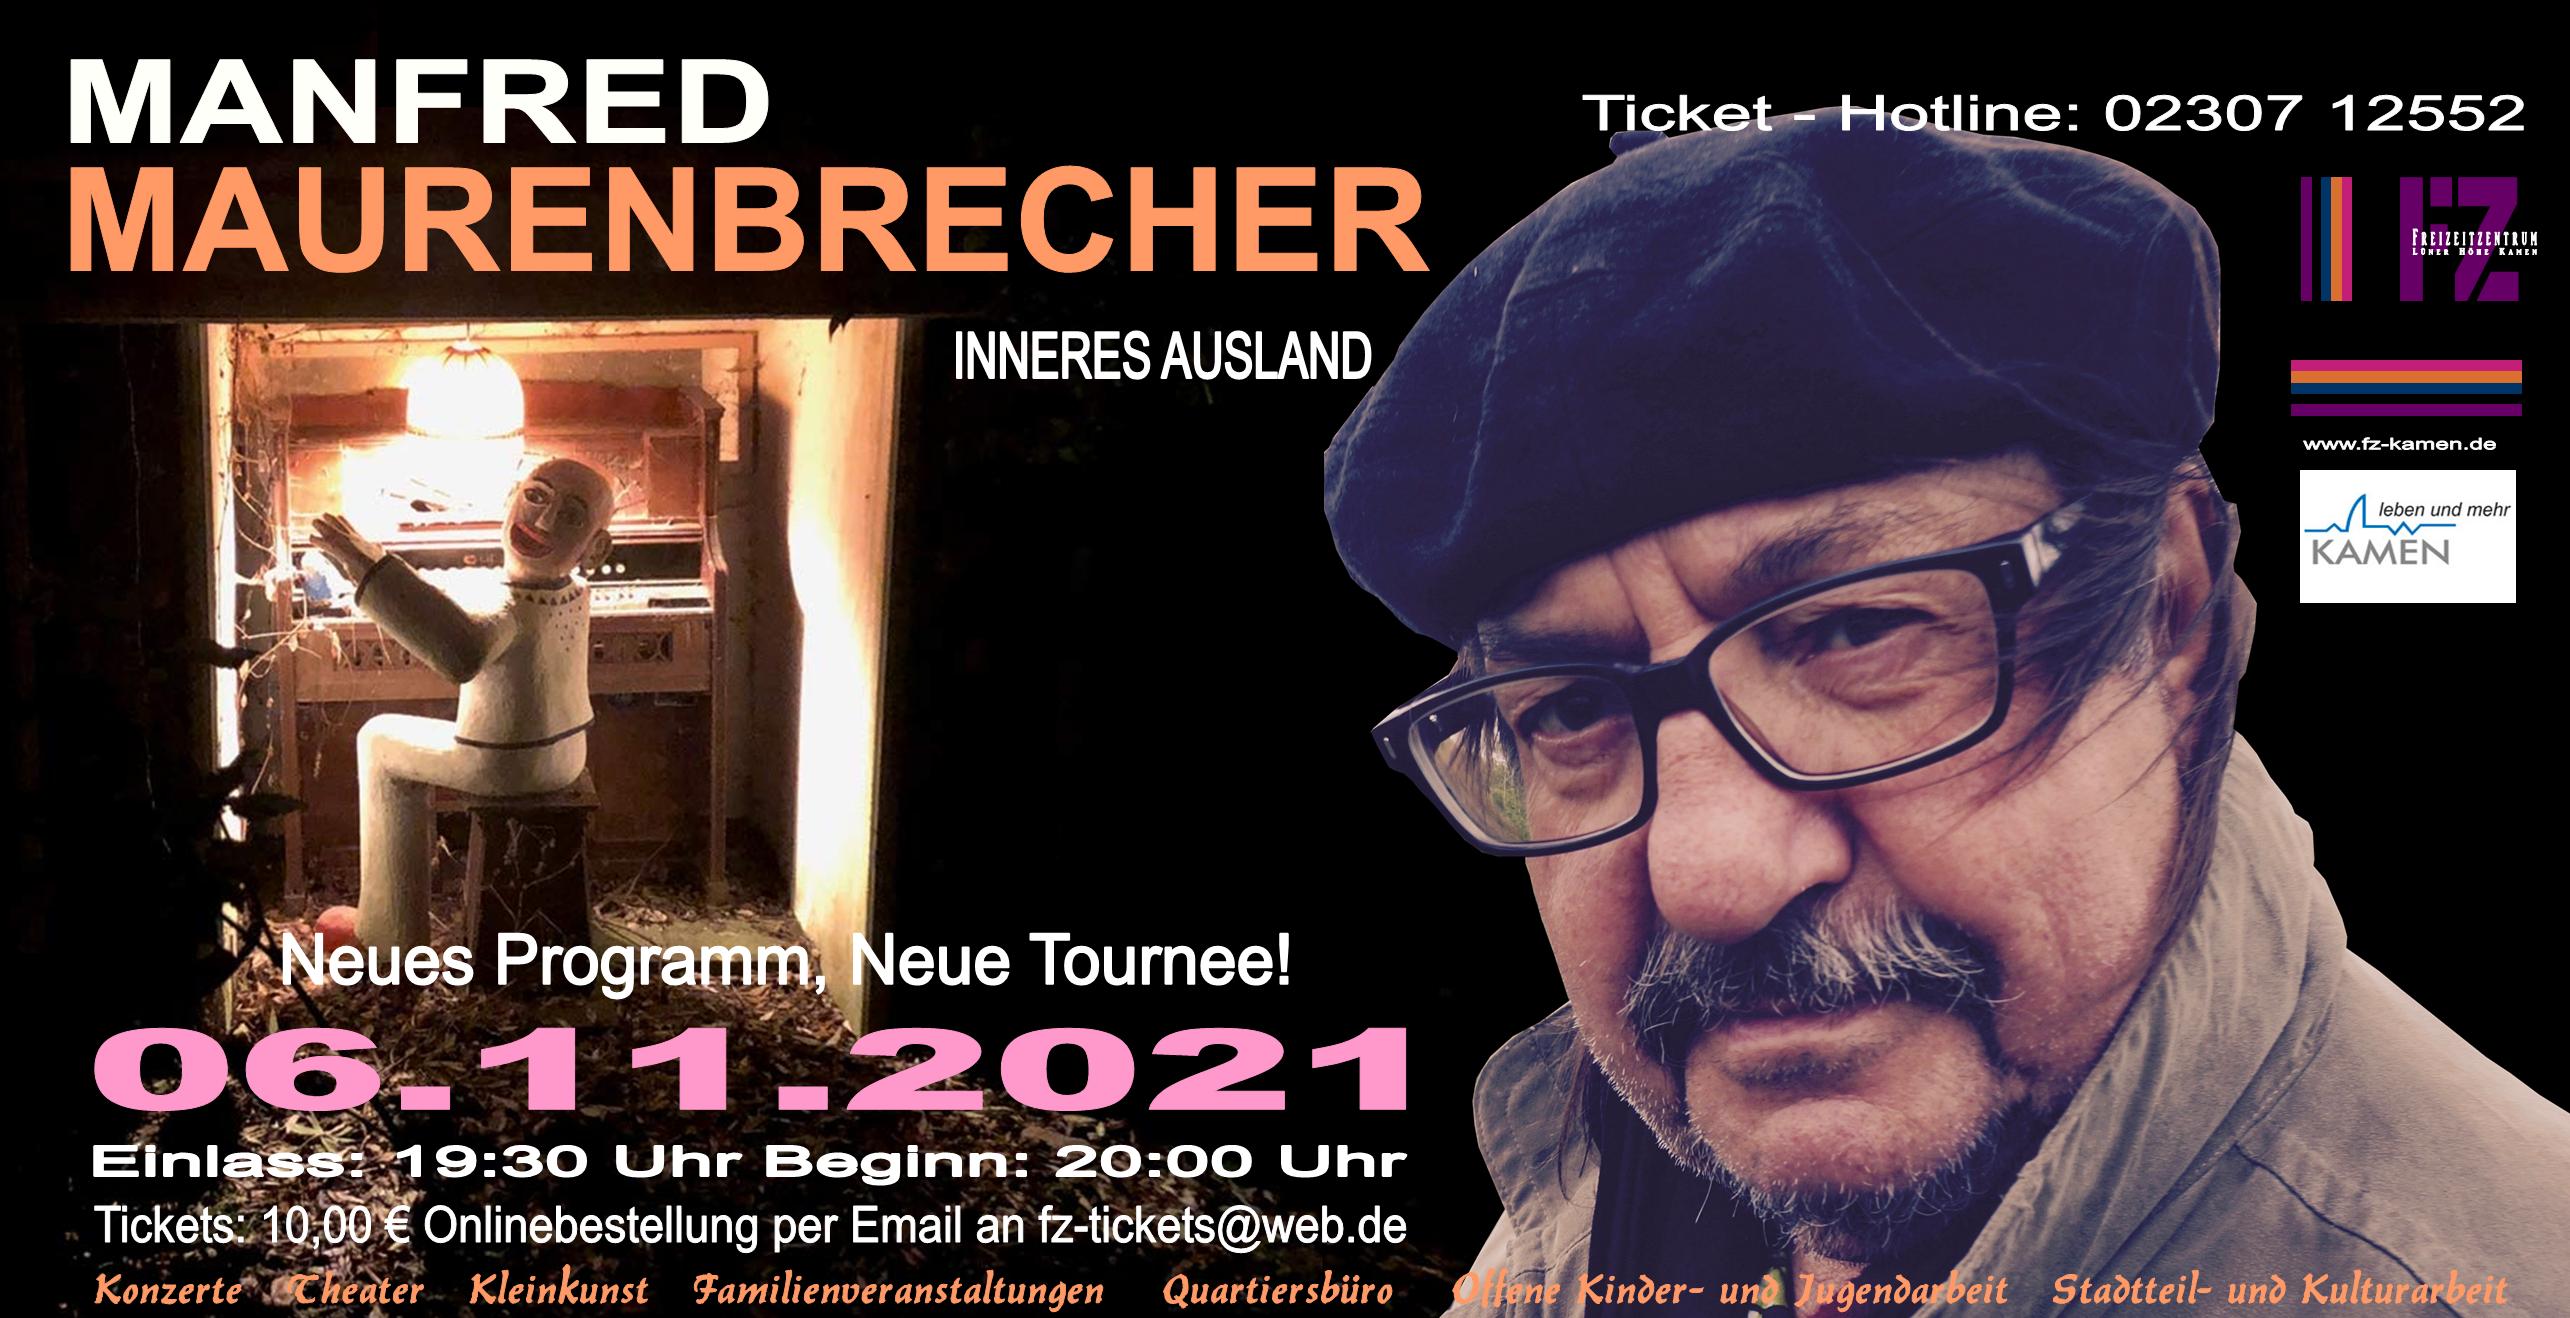 Header FZ Manfred Maurenbrecher 2021 cut